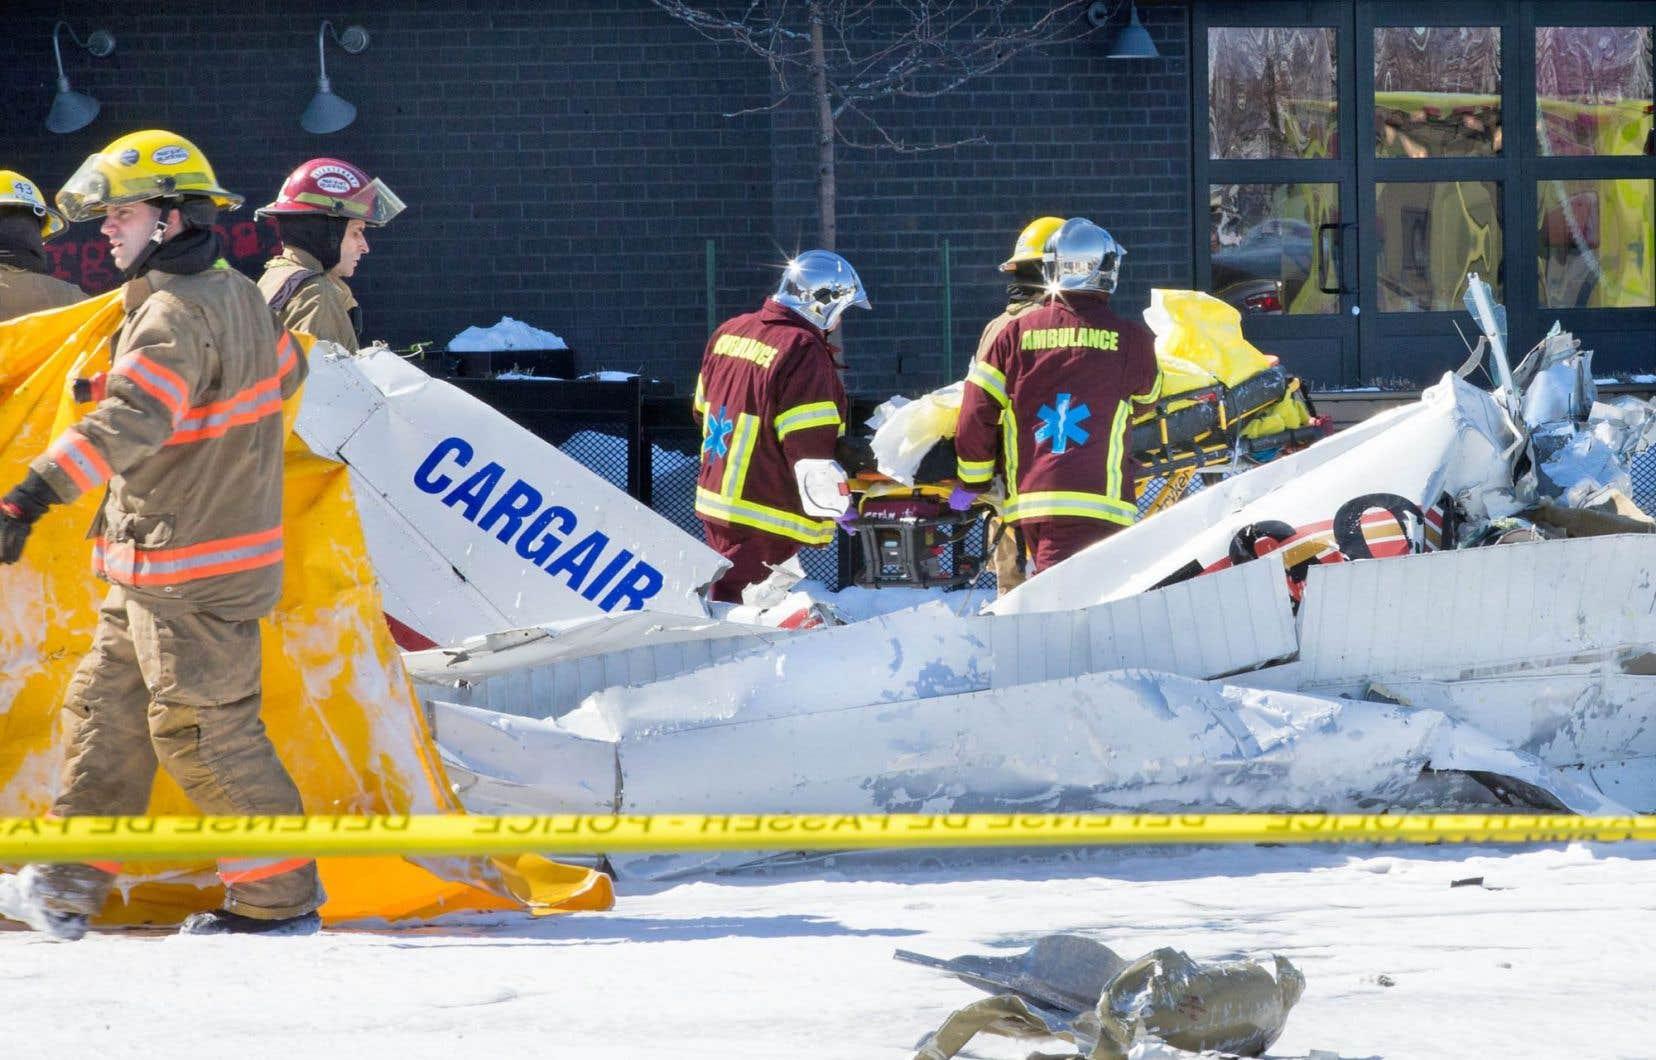 L'un des deux appareils impliqués dans la collision inusitée est tombé à pic dans le stationnement des Promenades Saint-Bruno. L'autre s'est écrasé sur le toit du centre commercial.